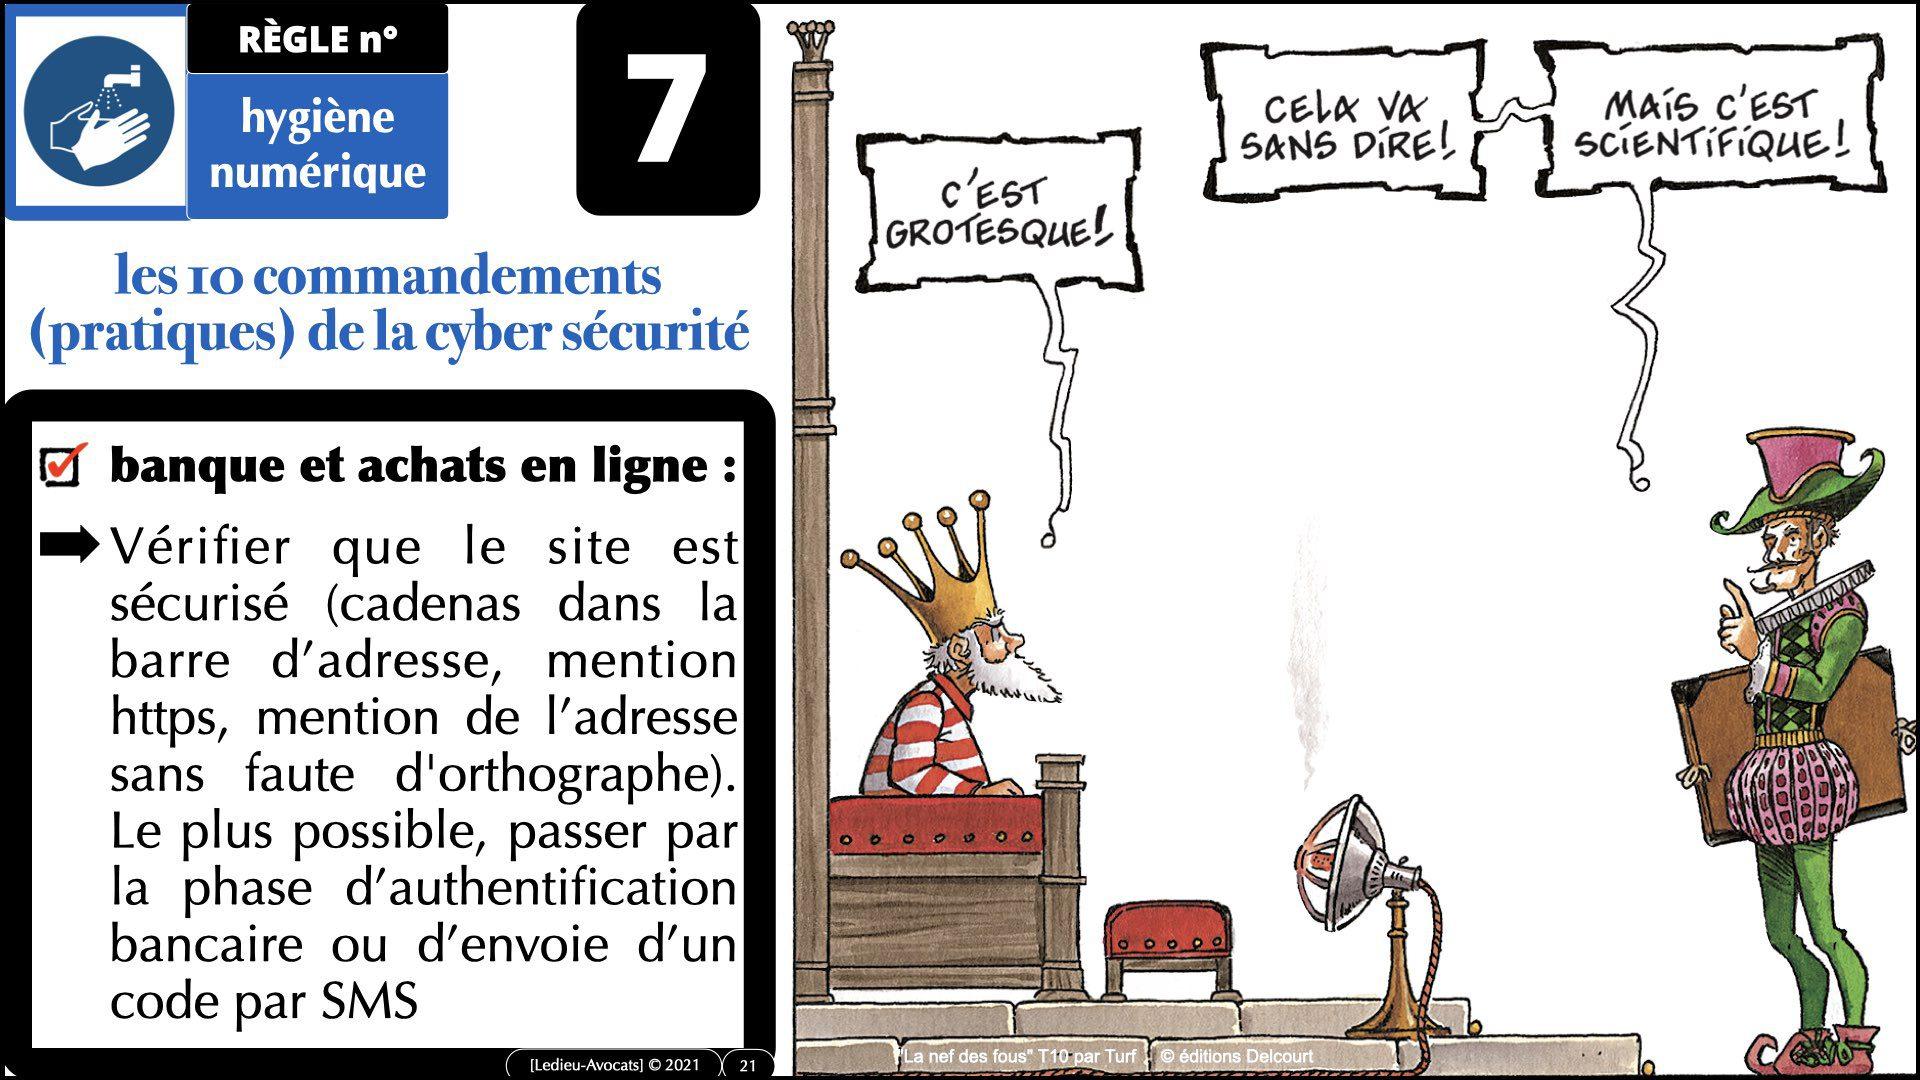 345 10 commandements hygiène numérique © Ledieu-Avocats technique droit numérique 07-09-2021.021